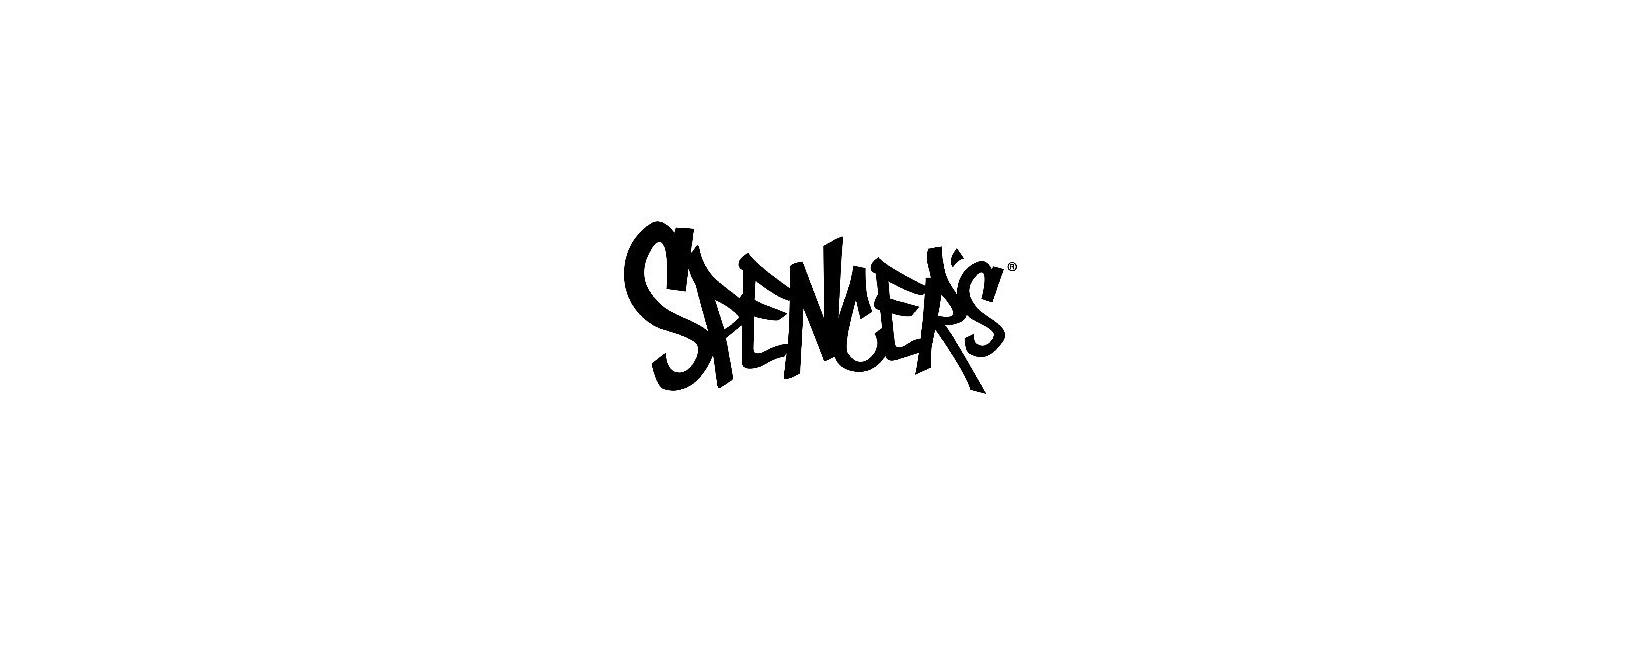 Spencer's Discount Code 2021